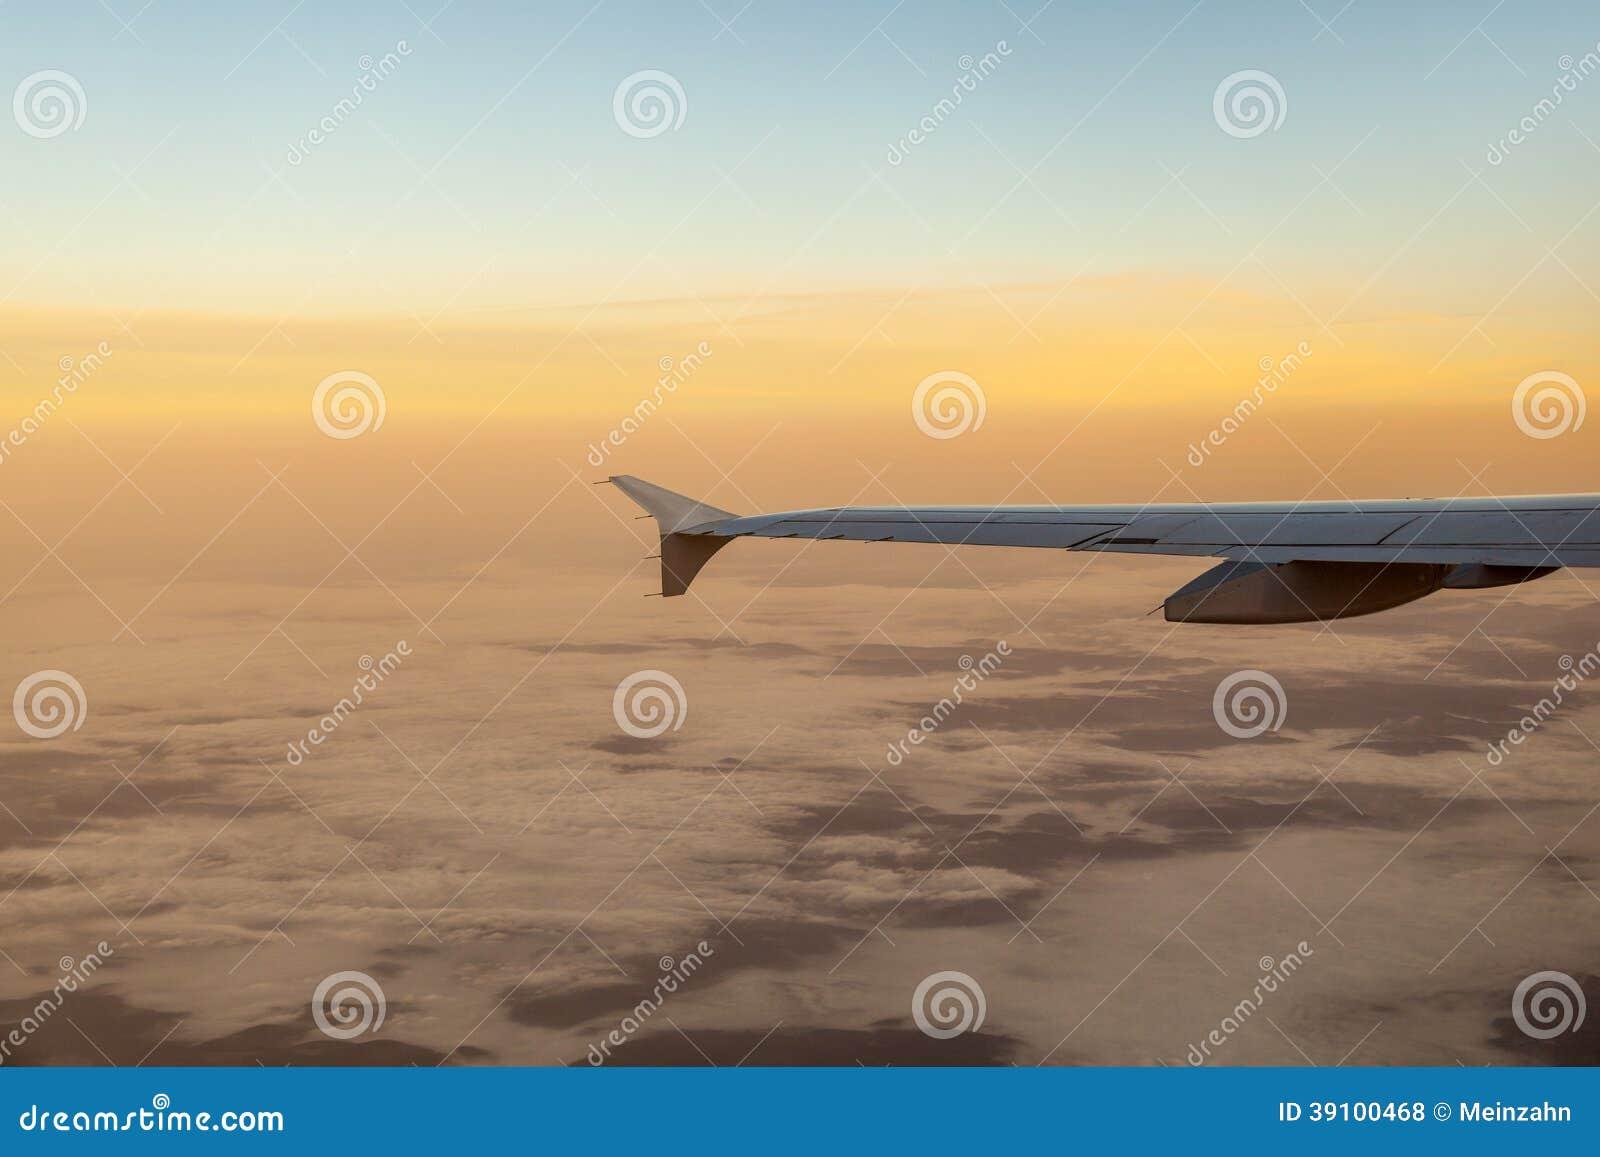 Silhouet van vliegtuigvleugel in de lucht